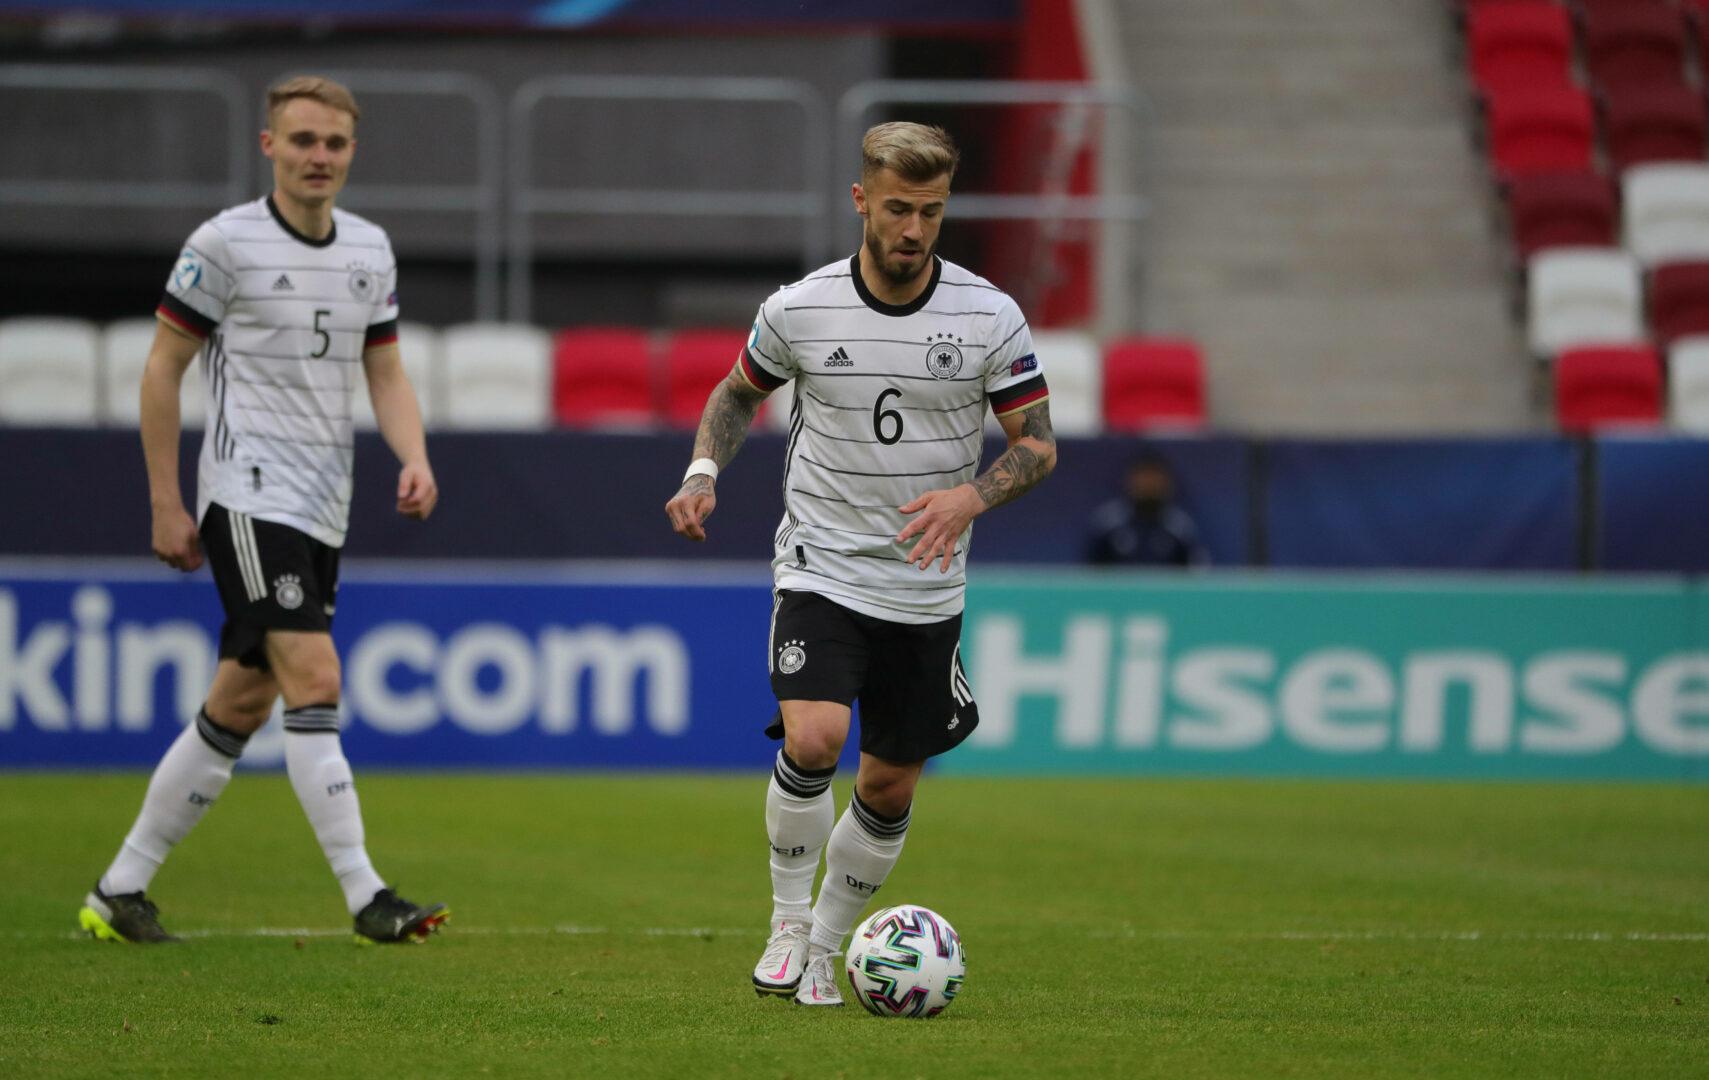 FC Augsburg: Dorsch bleibt heißer Kandidat – geht Uduokhai?